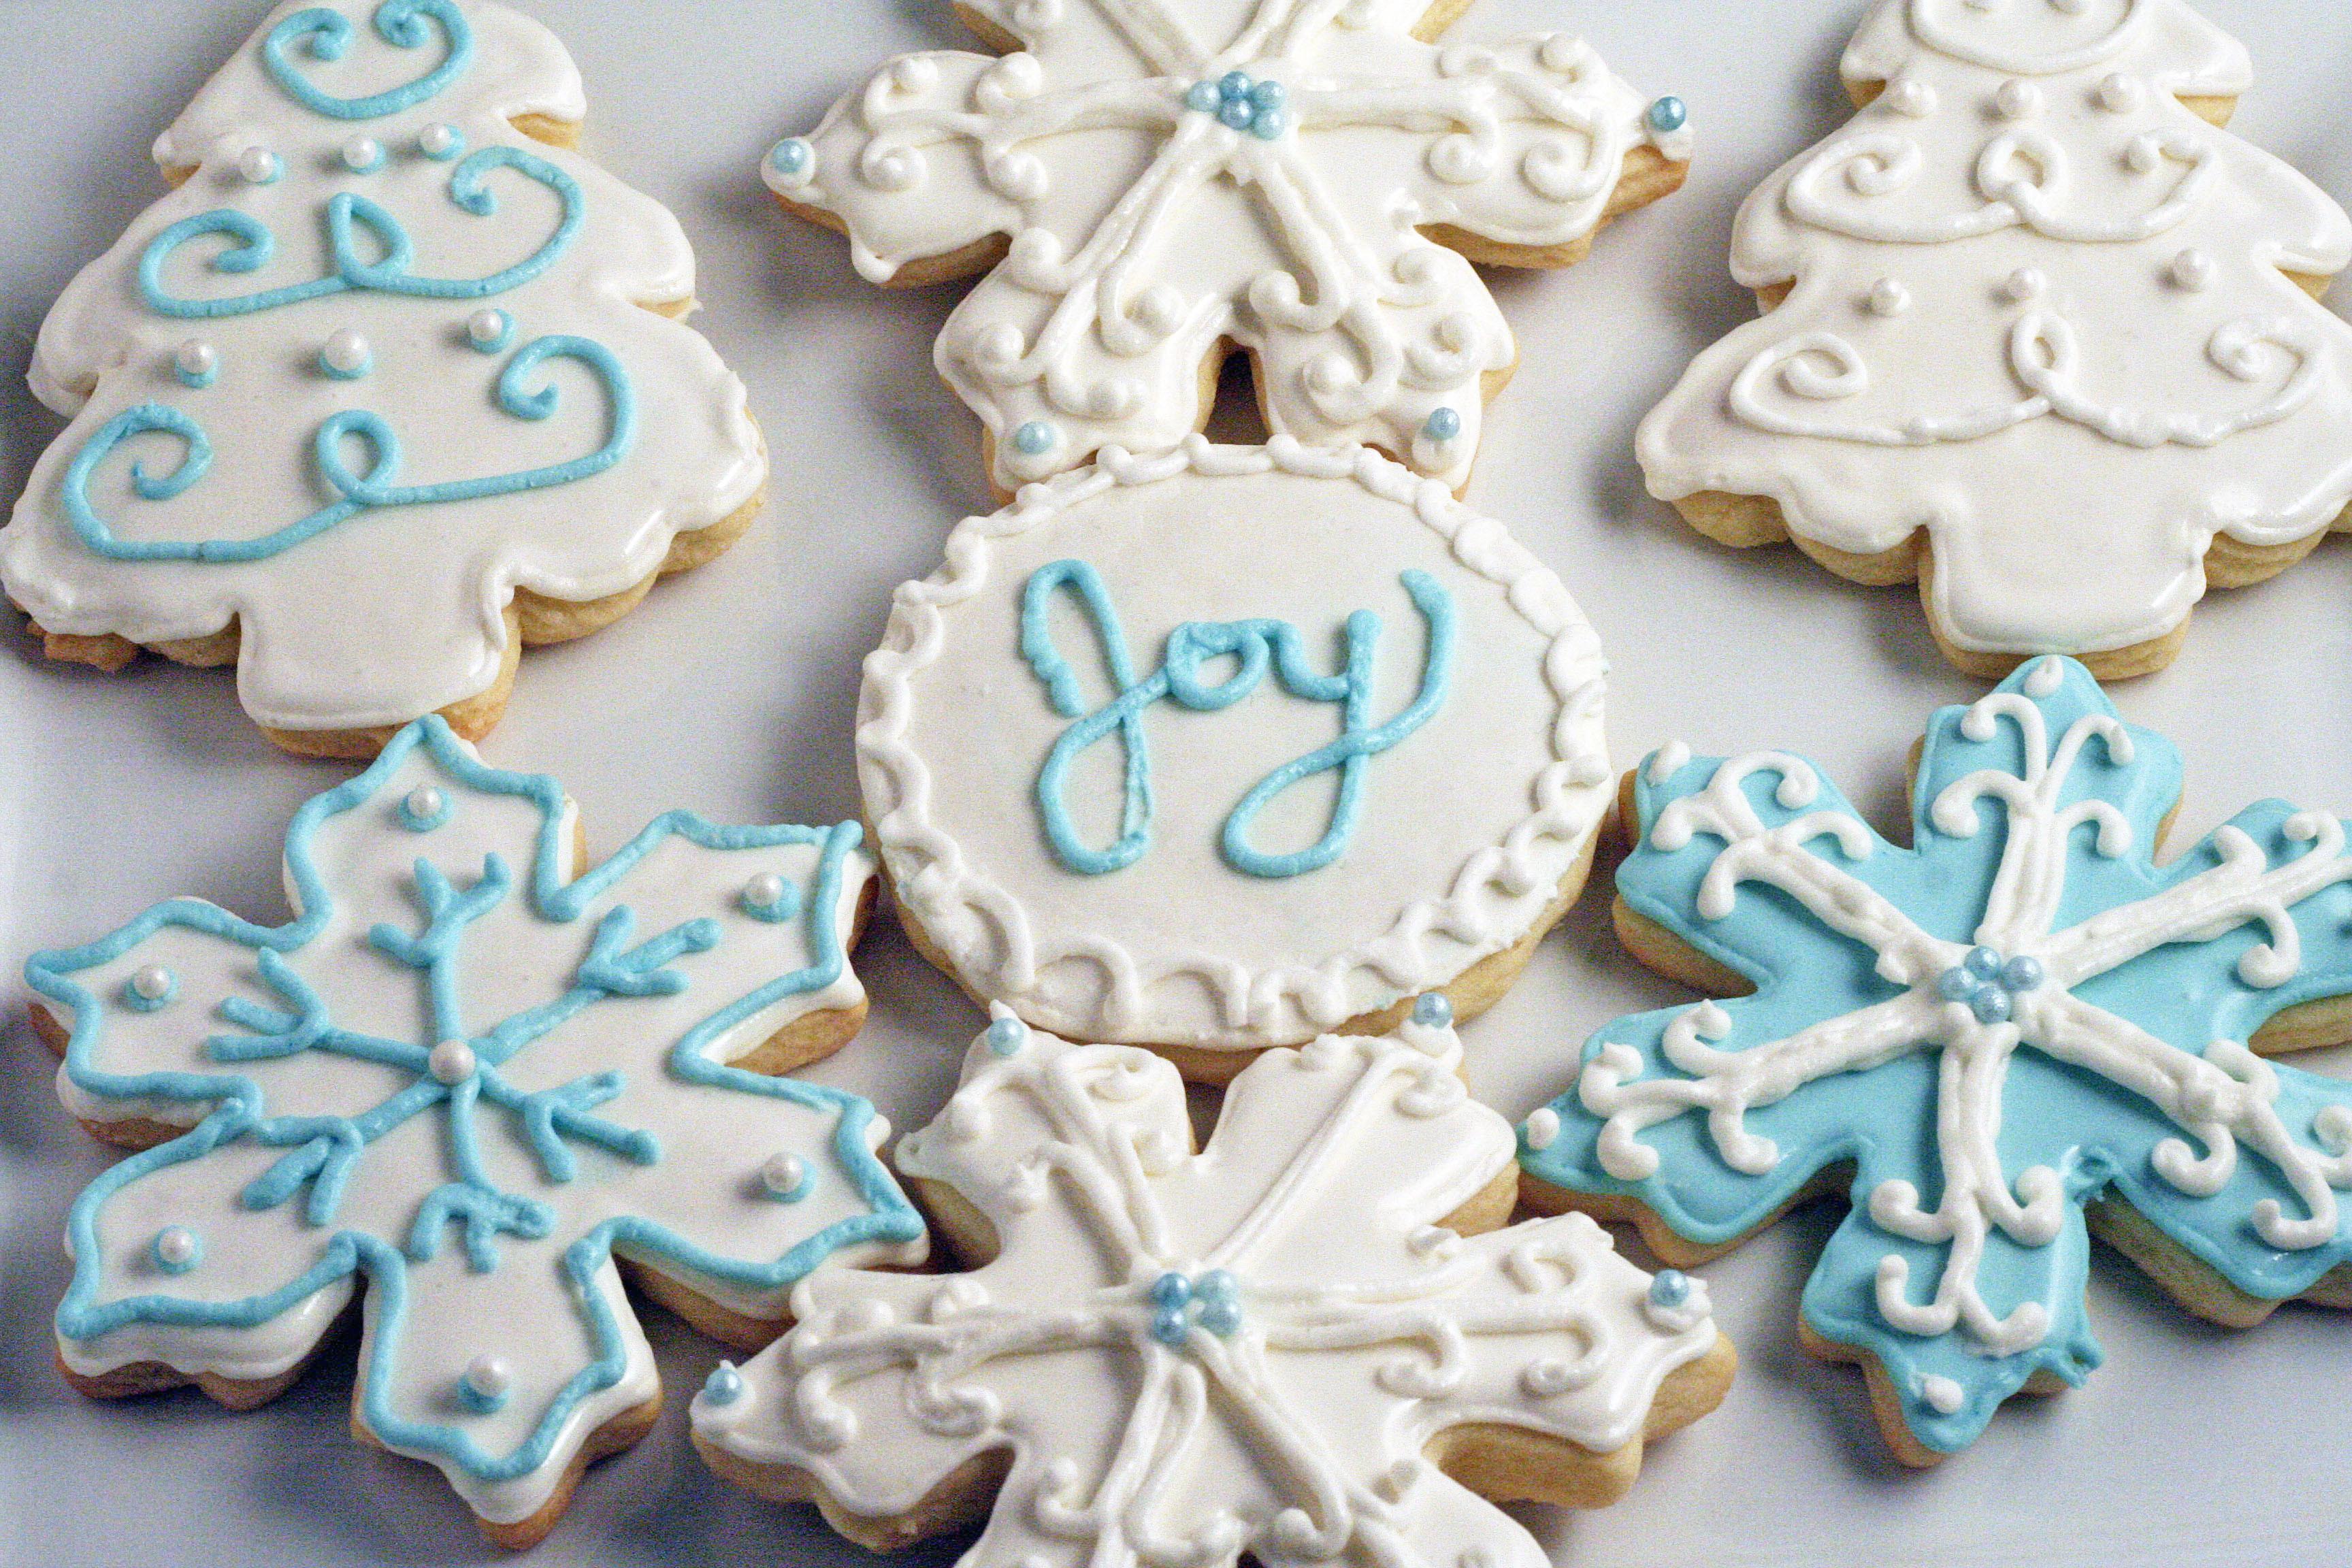 Christmas Cookies Sugar Cookies  Decorated Christmas Sugar Cookies